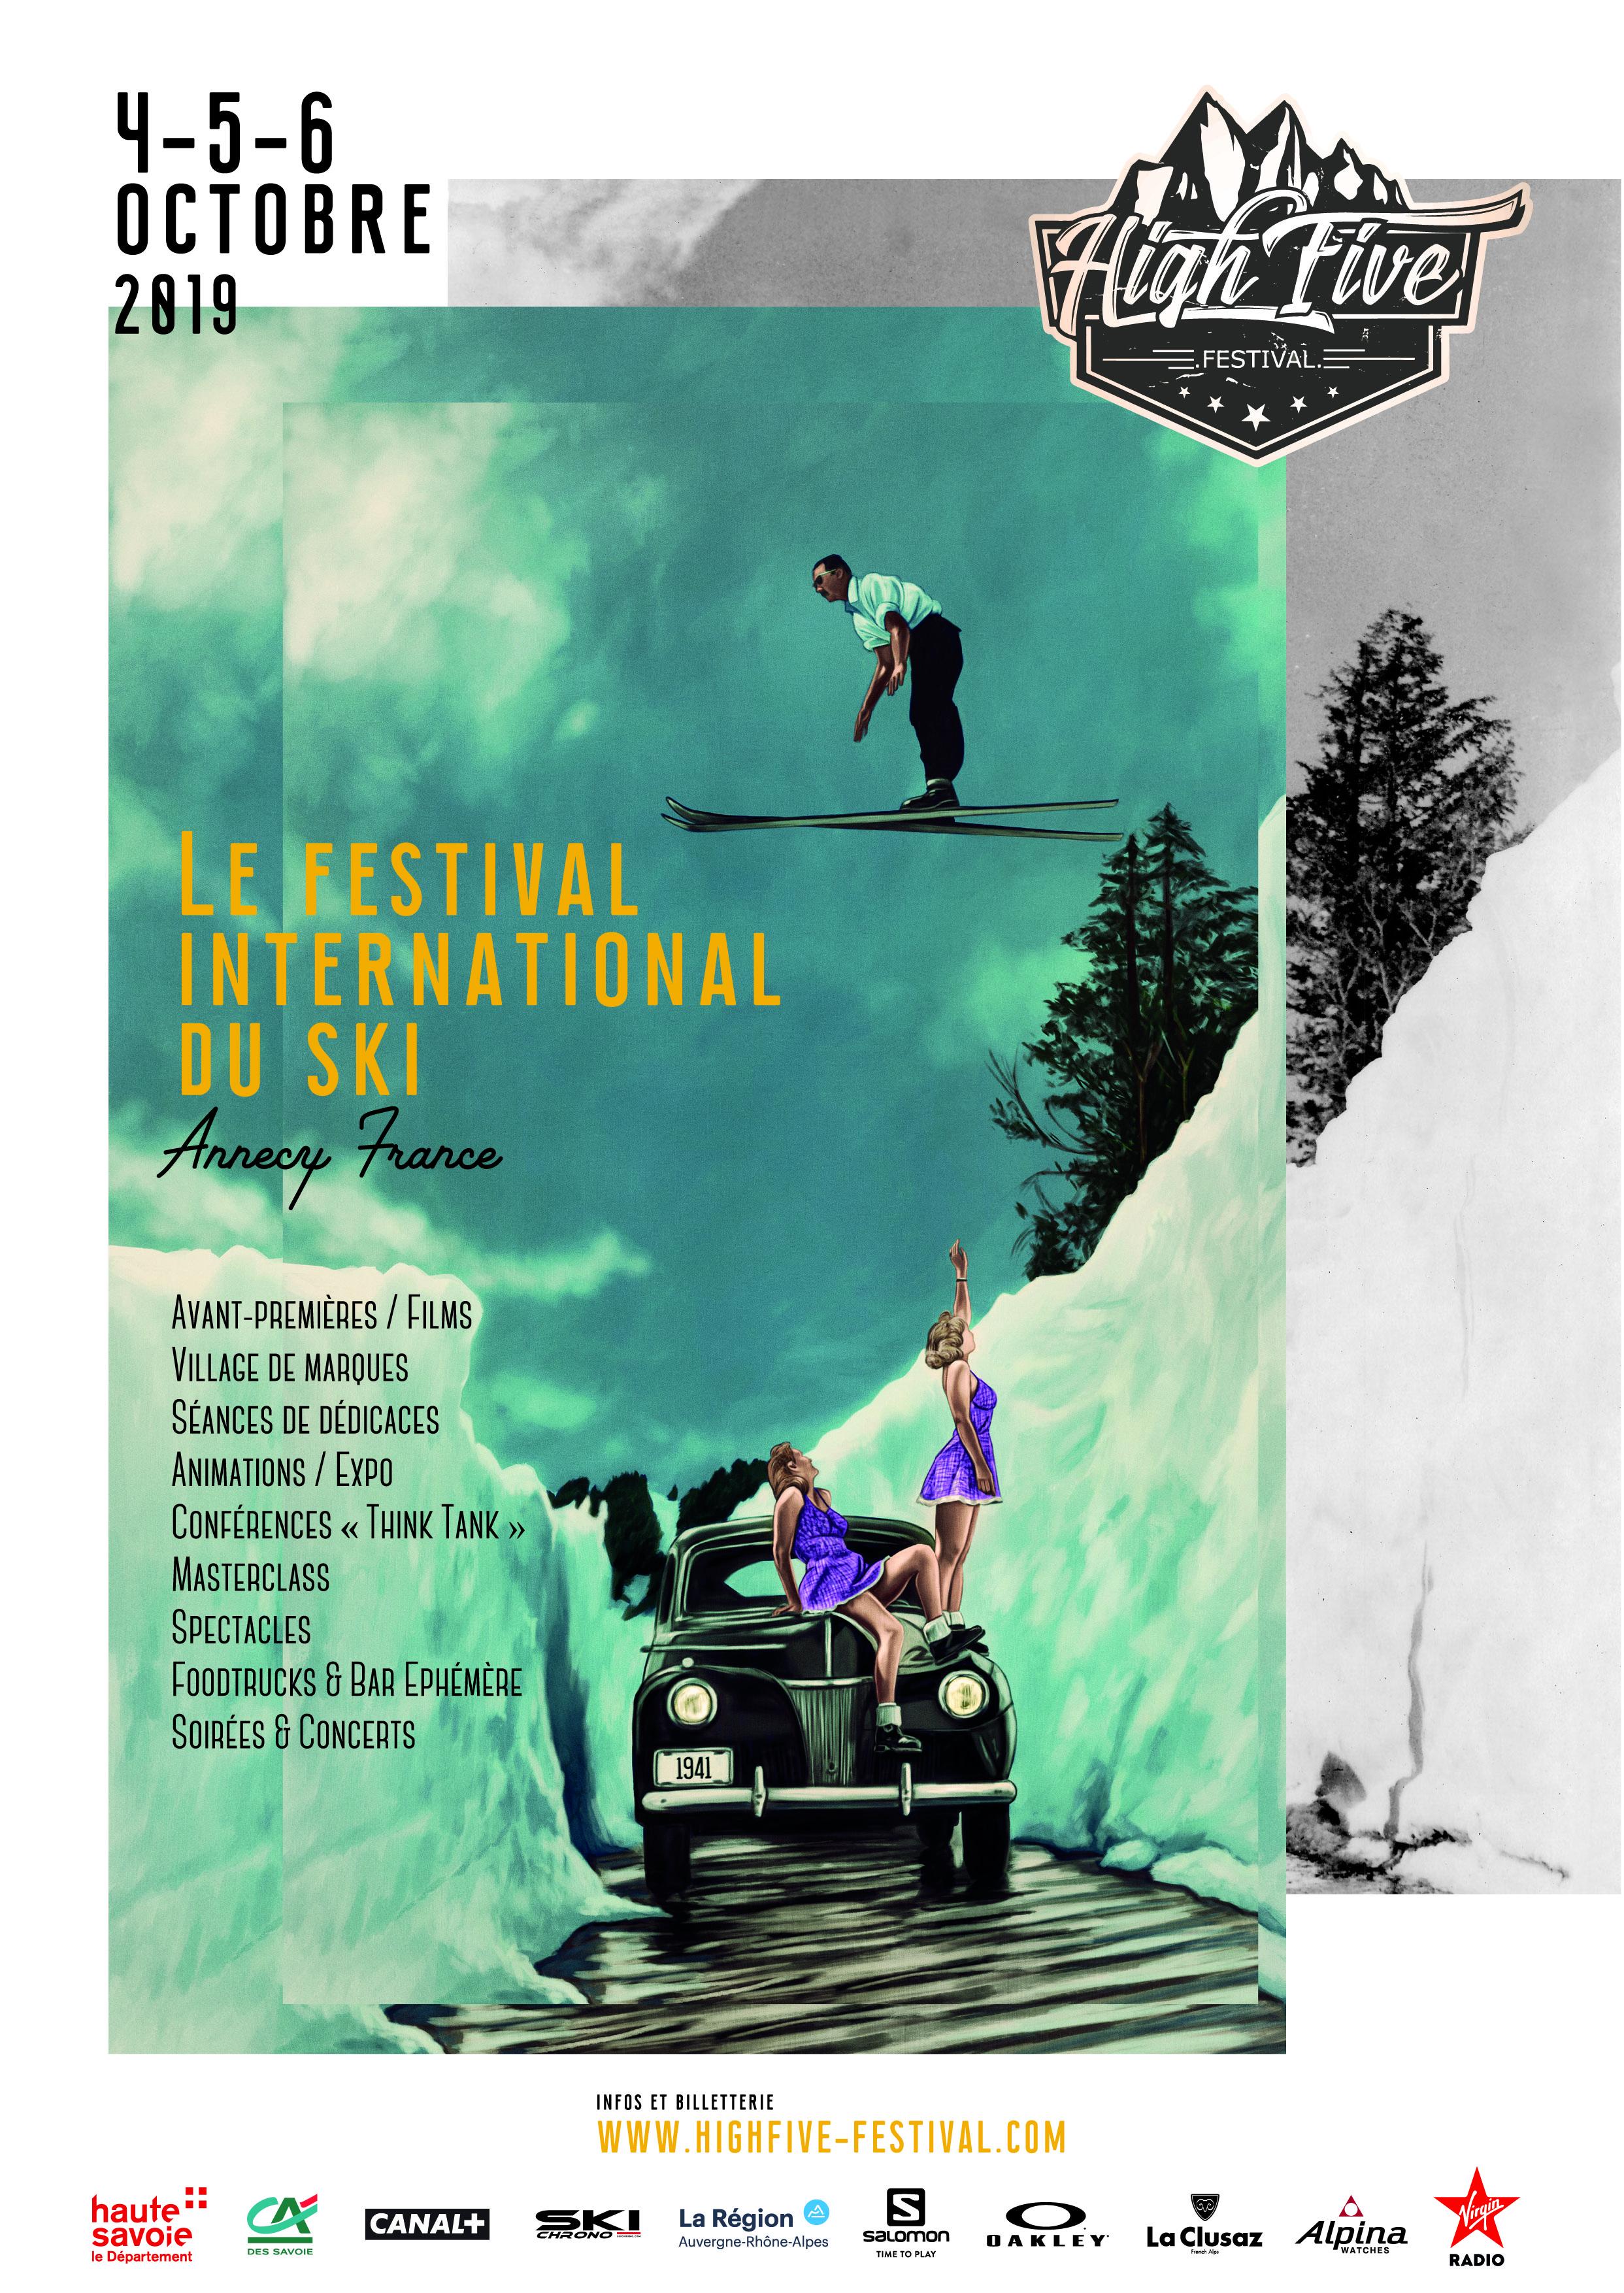 L'affiche du High Five Festival 2019